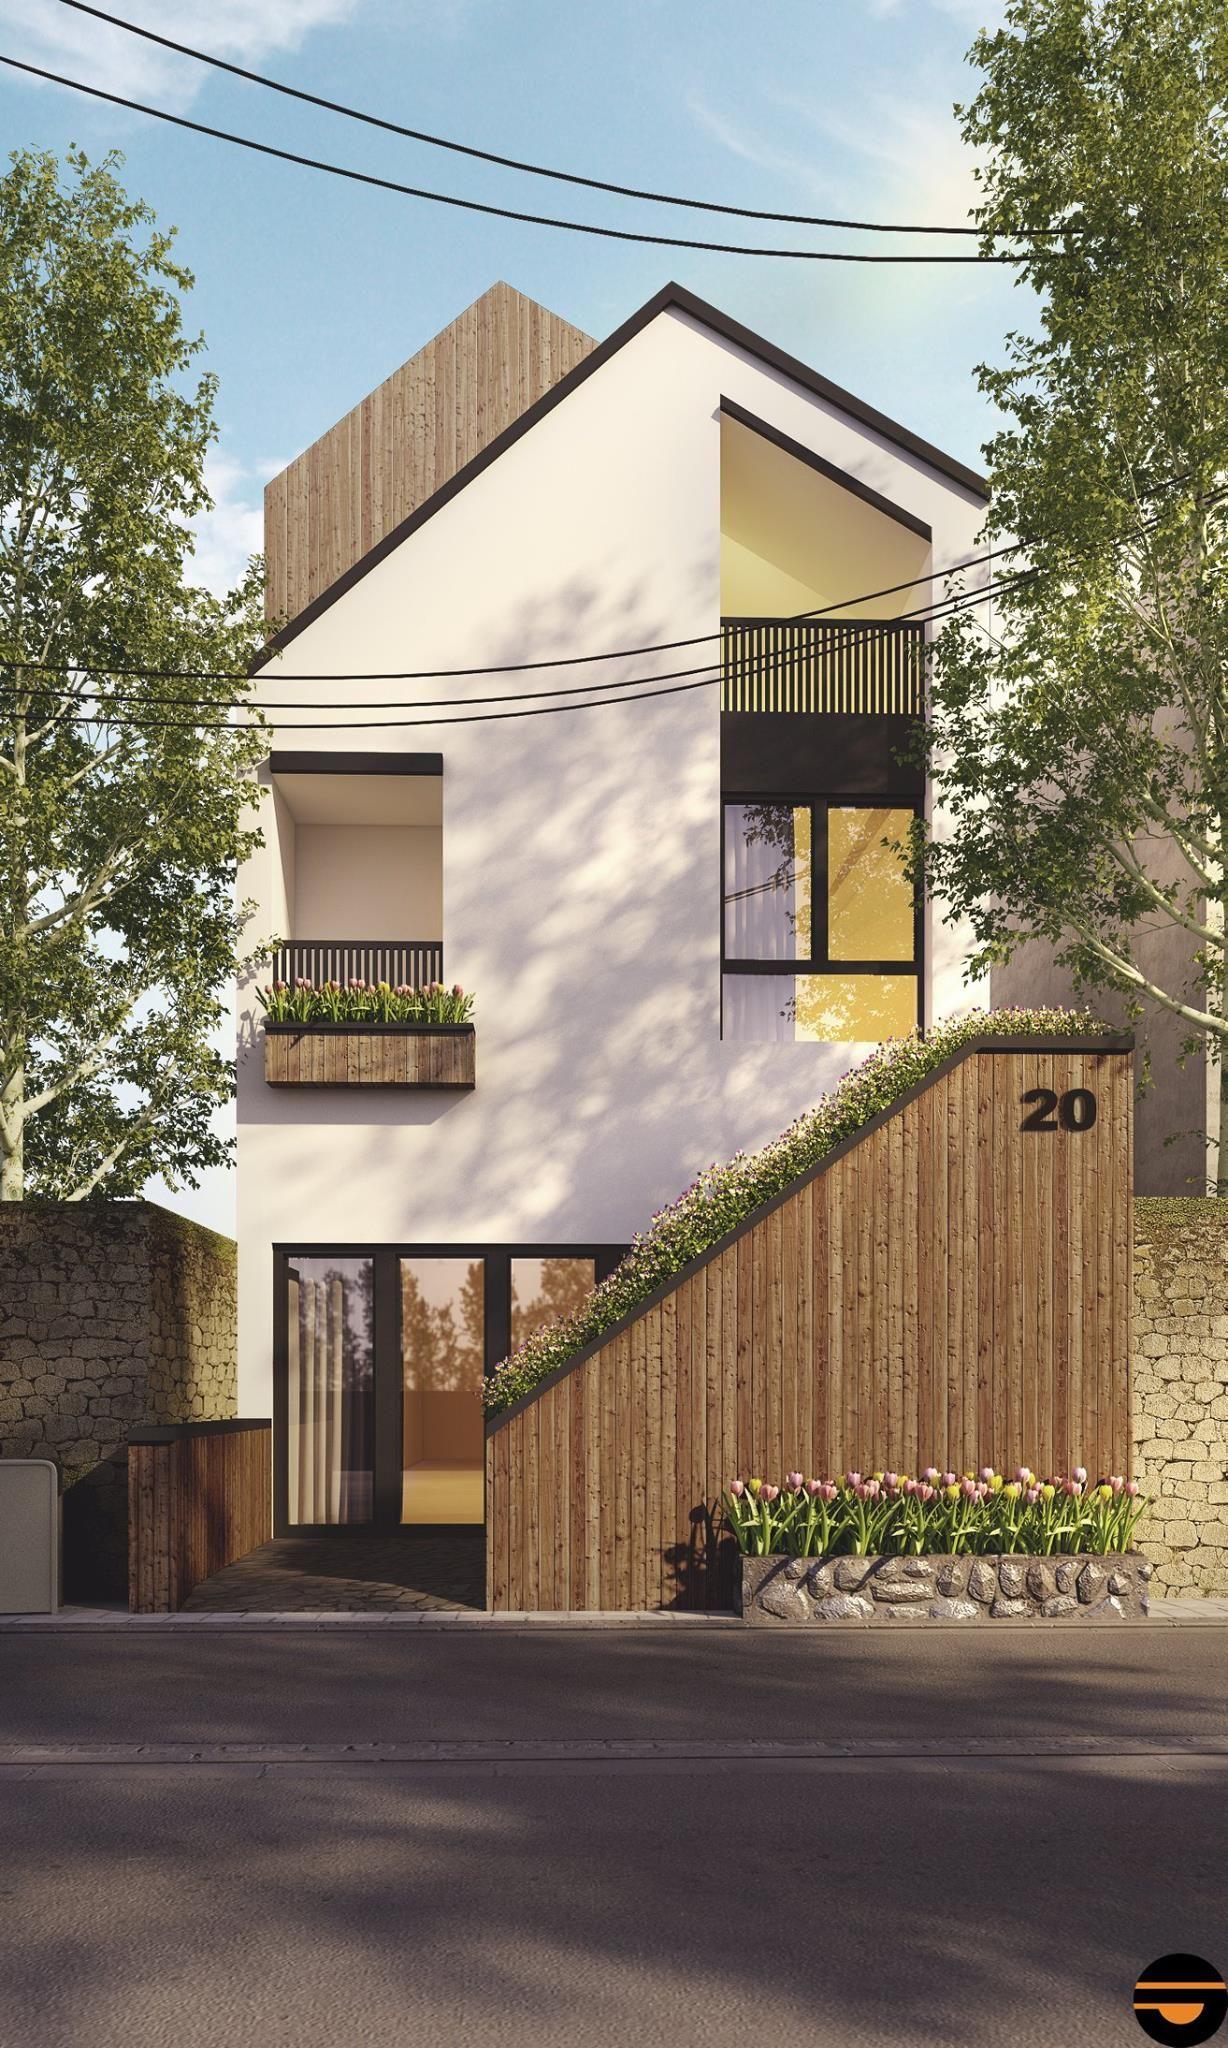 Facebook maison étroite plan maison future maison projet urbain bardage bois